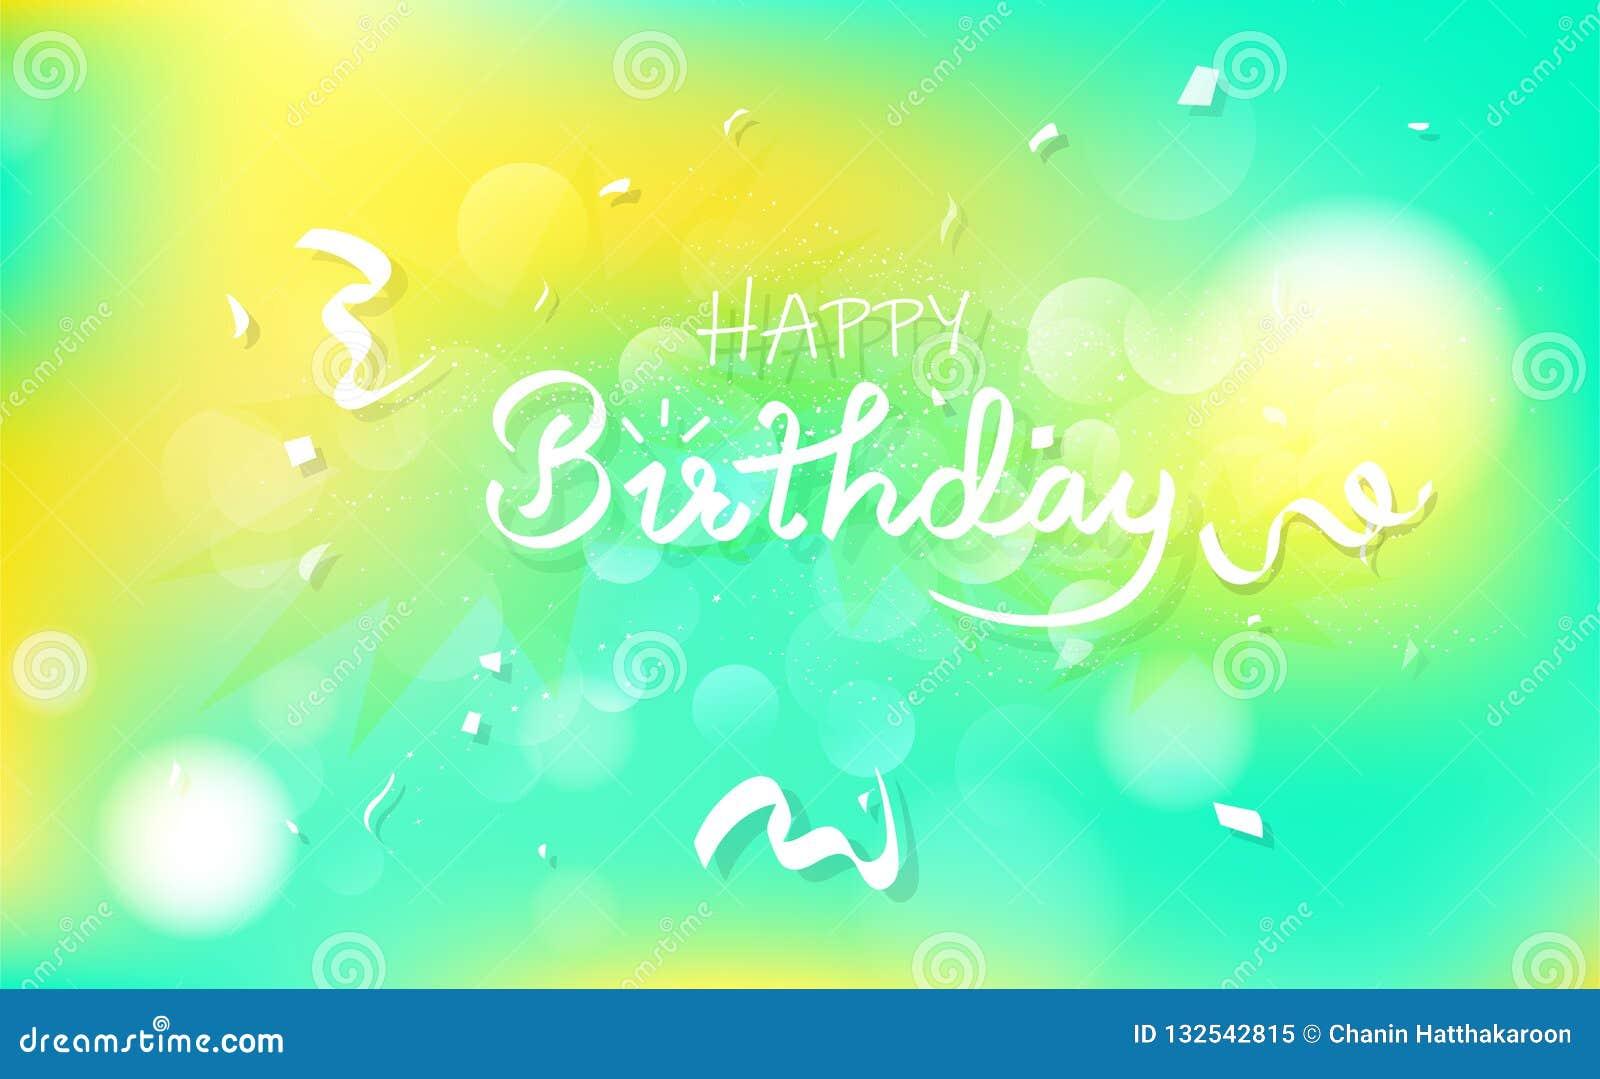 Kort för lycklig födelsedag och lyckönskan, berömparticallig